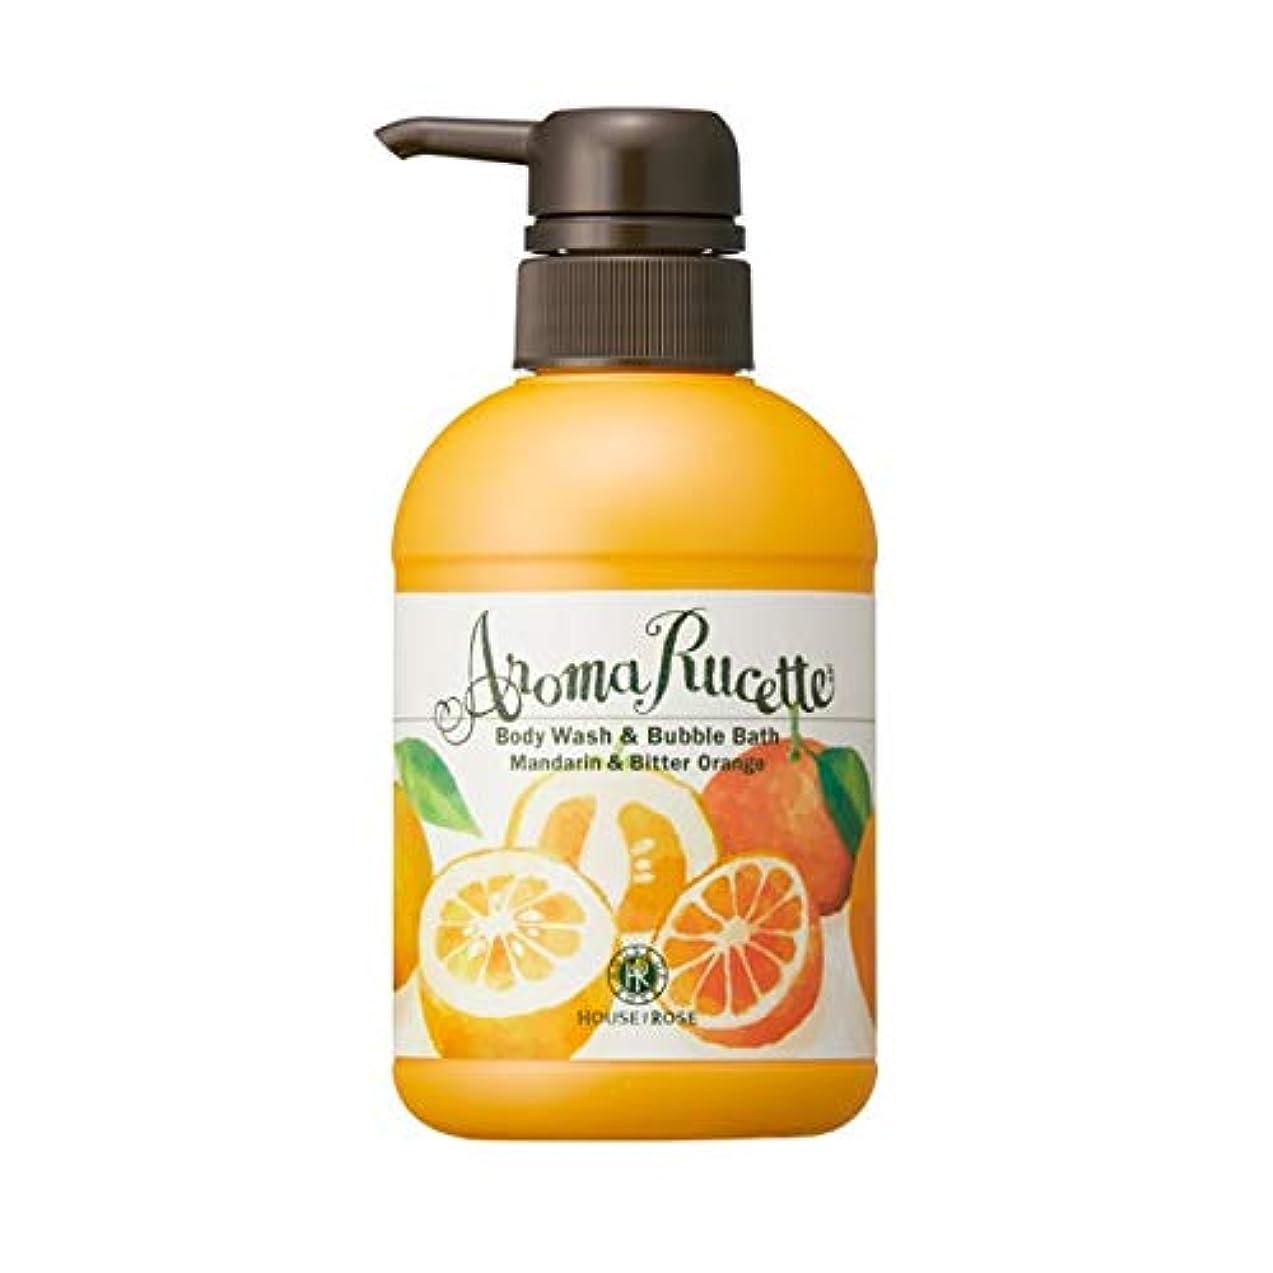 運搬オーディションワイヤーHOUSE OF ROSE(ハウスオブローゼ) ハウスオブローゼ/アロマルセット ボディウォッシュ&バブルバス MD&BO(マンダリン&ビターオレンジの香り)350mL